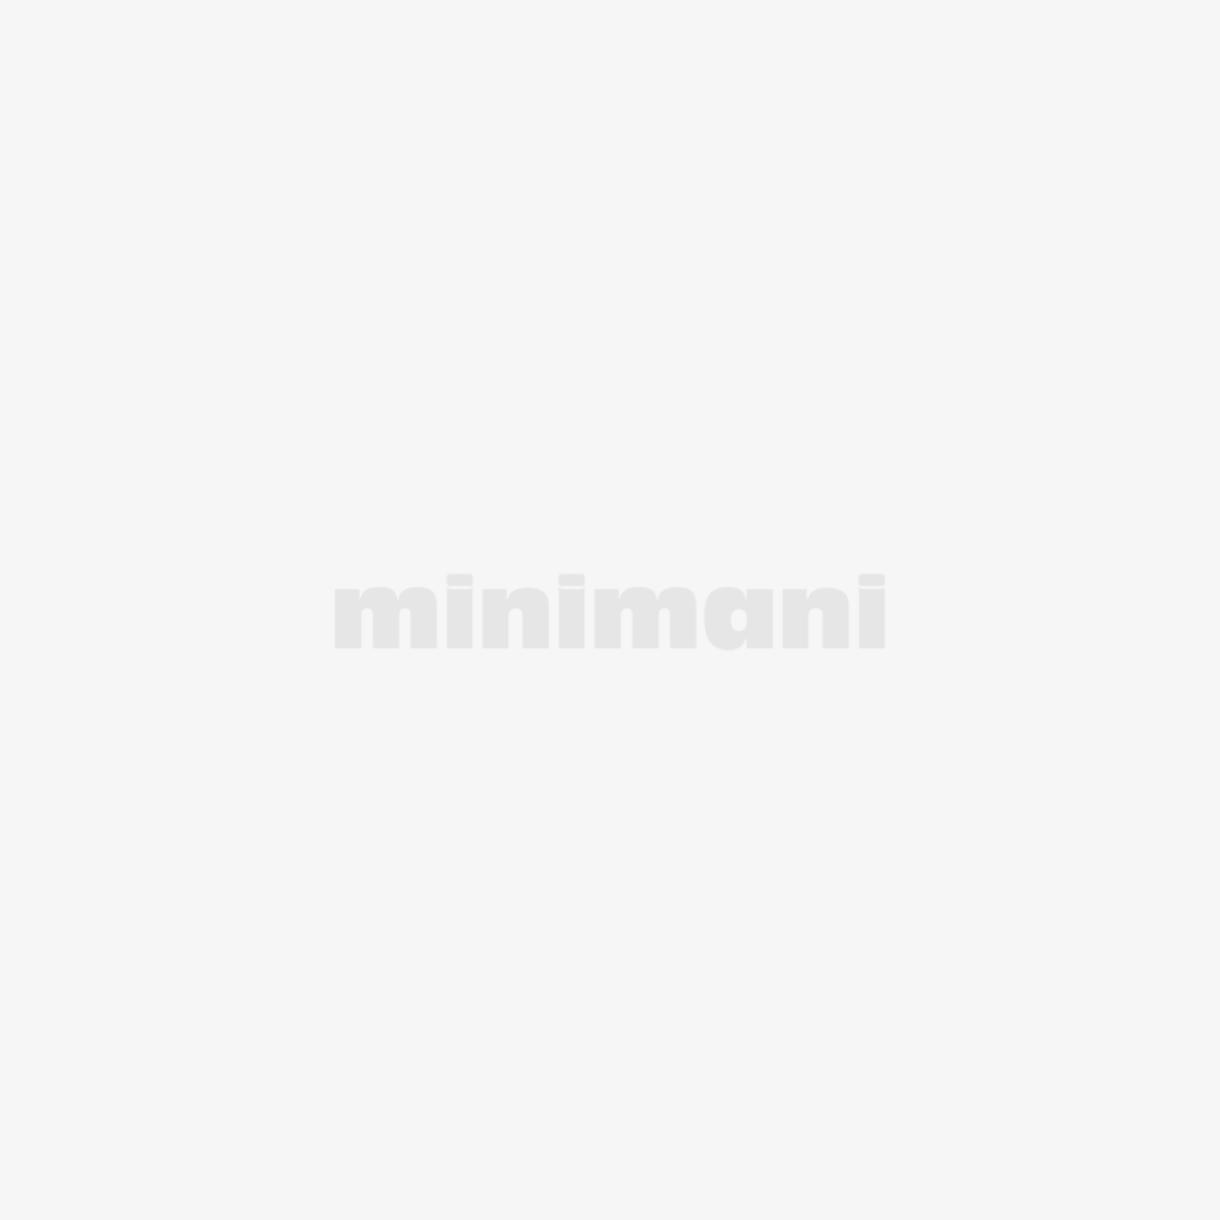 Breeze keskilattiamatto 120x170cm, valkoinen